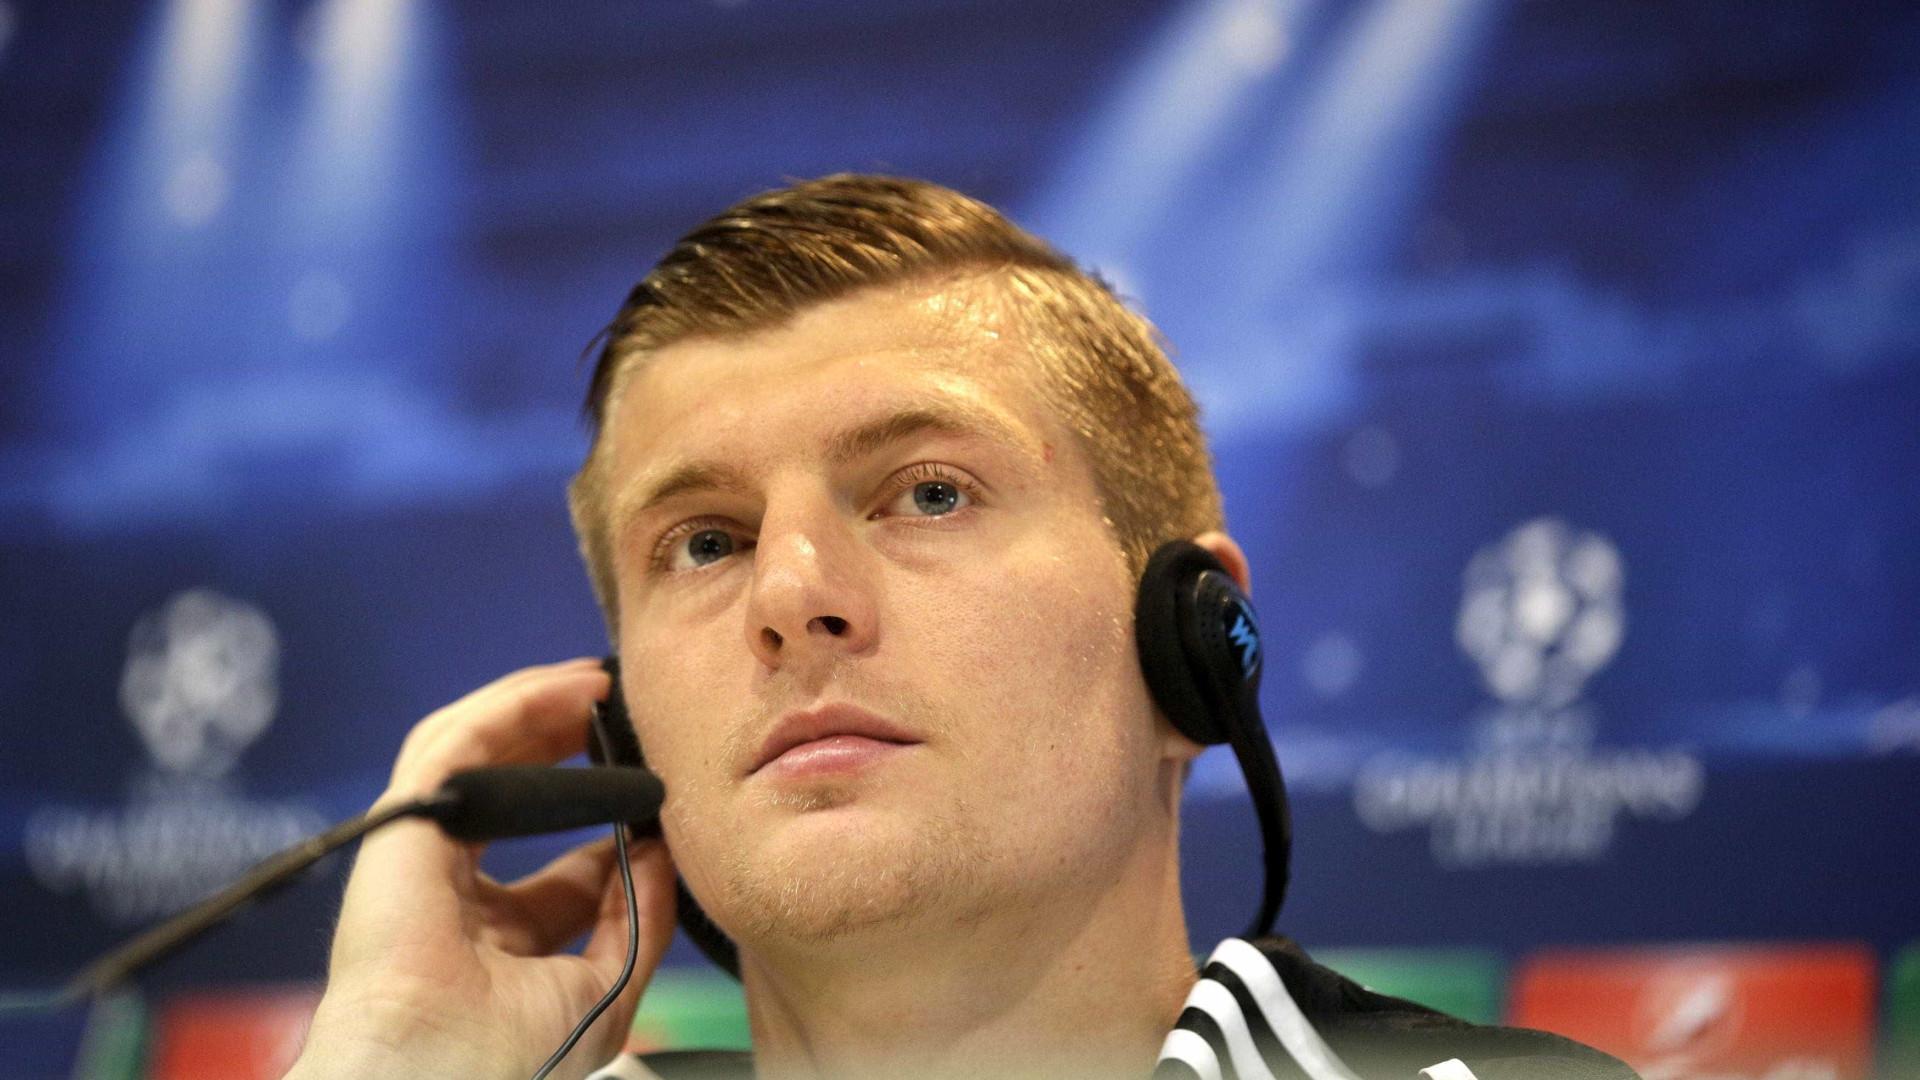 Toni Kroos poderá facilitar transferência de De Gea para o Real